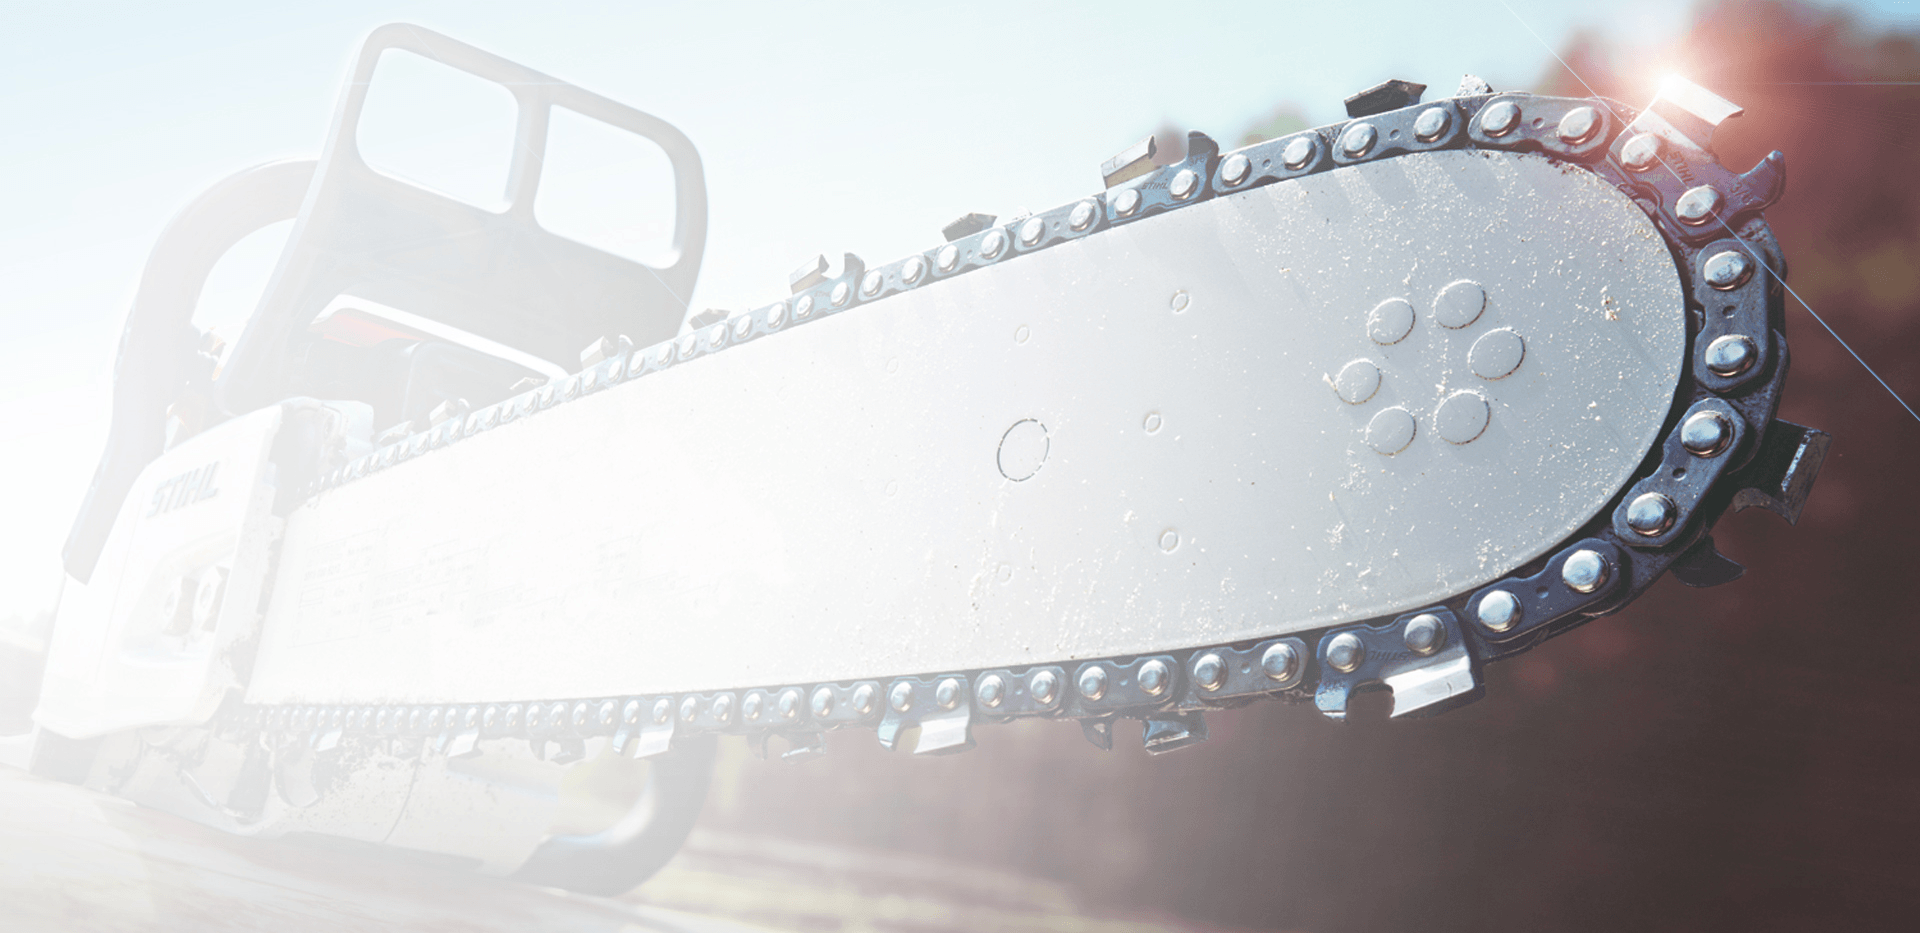 Utilizar e comercializar motosserra: quais licenças são necessárias?